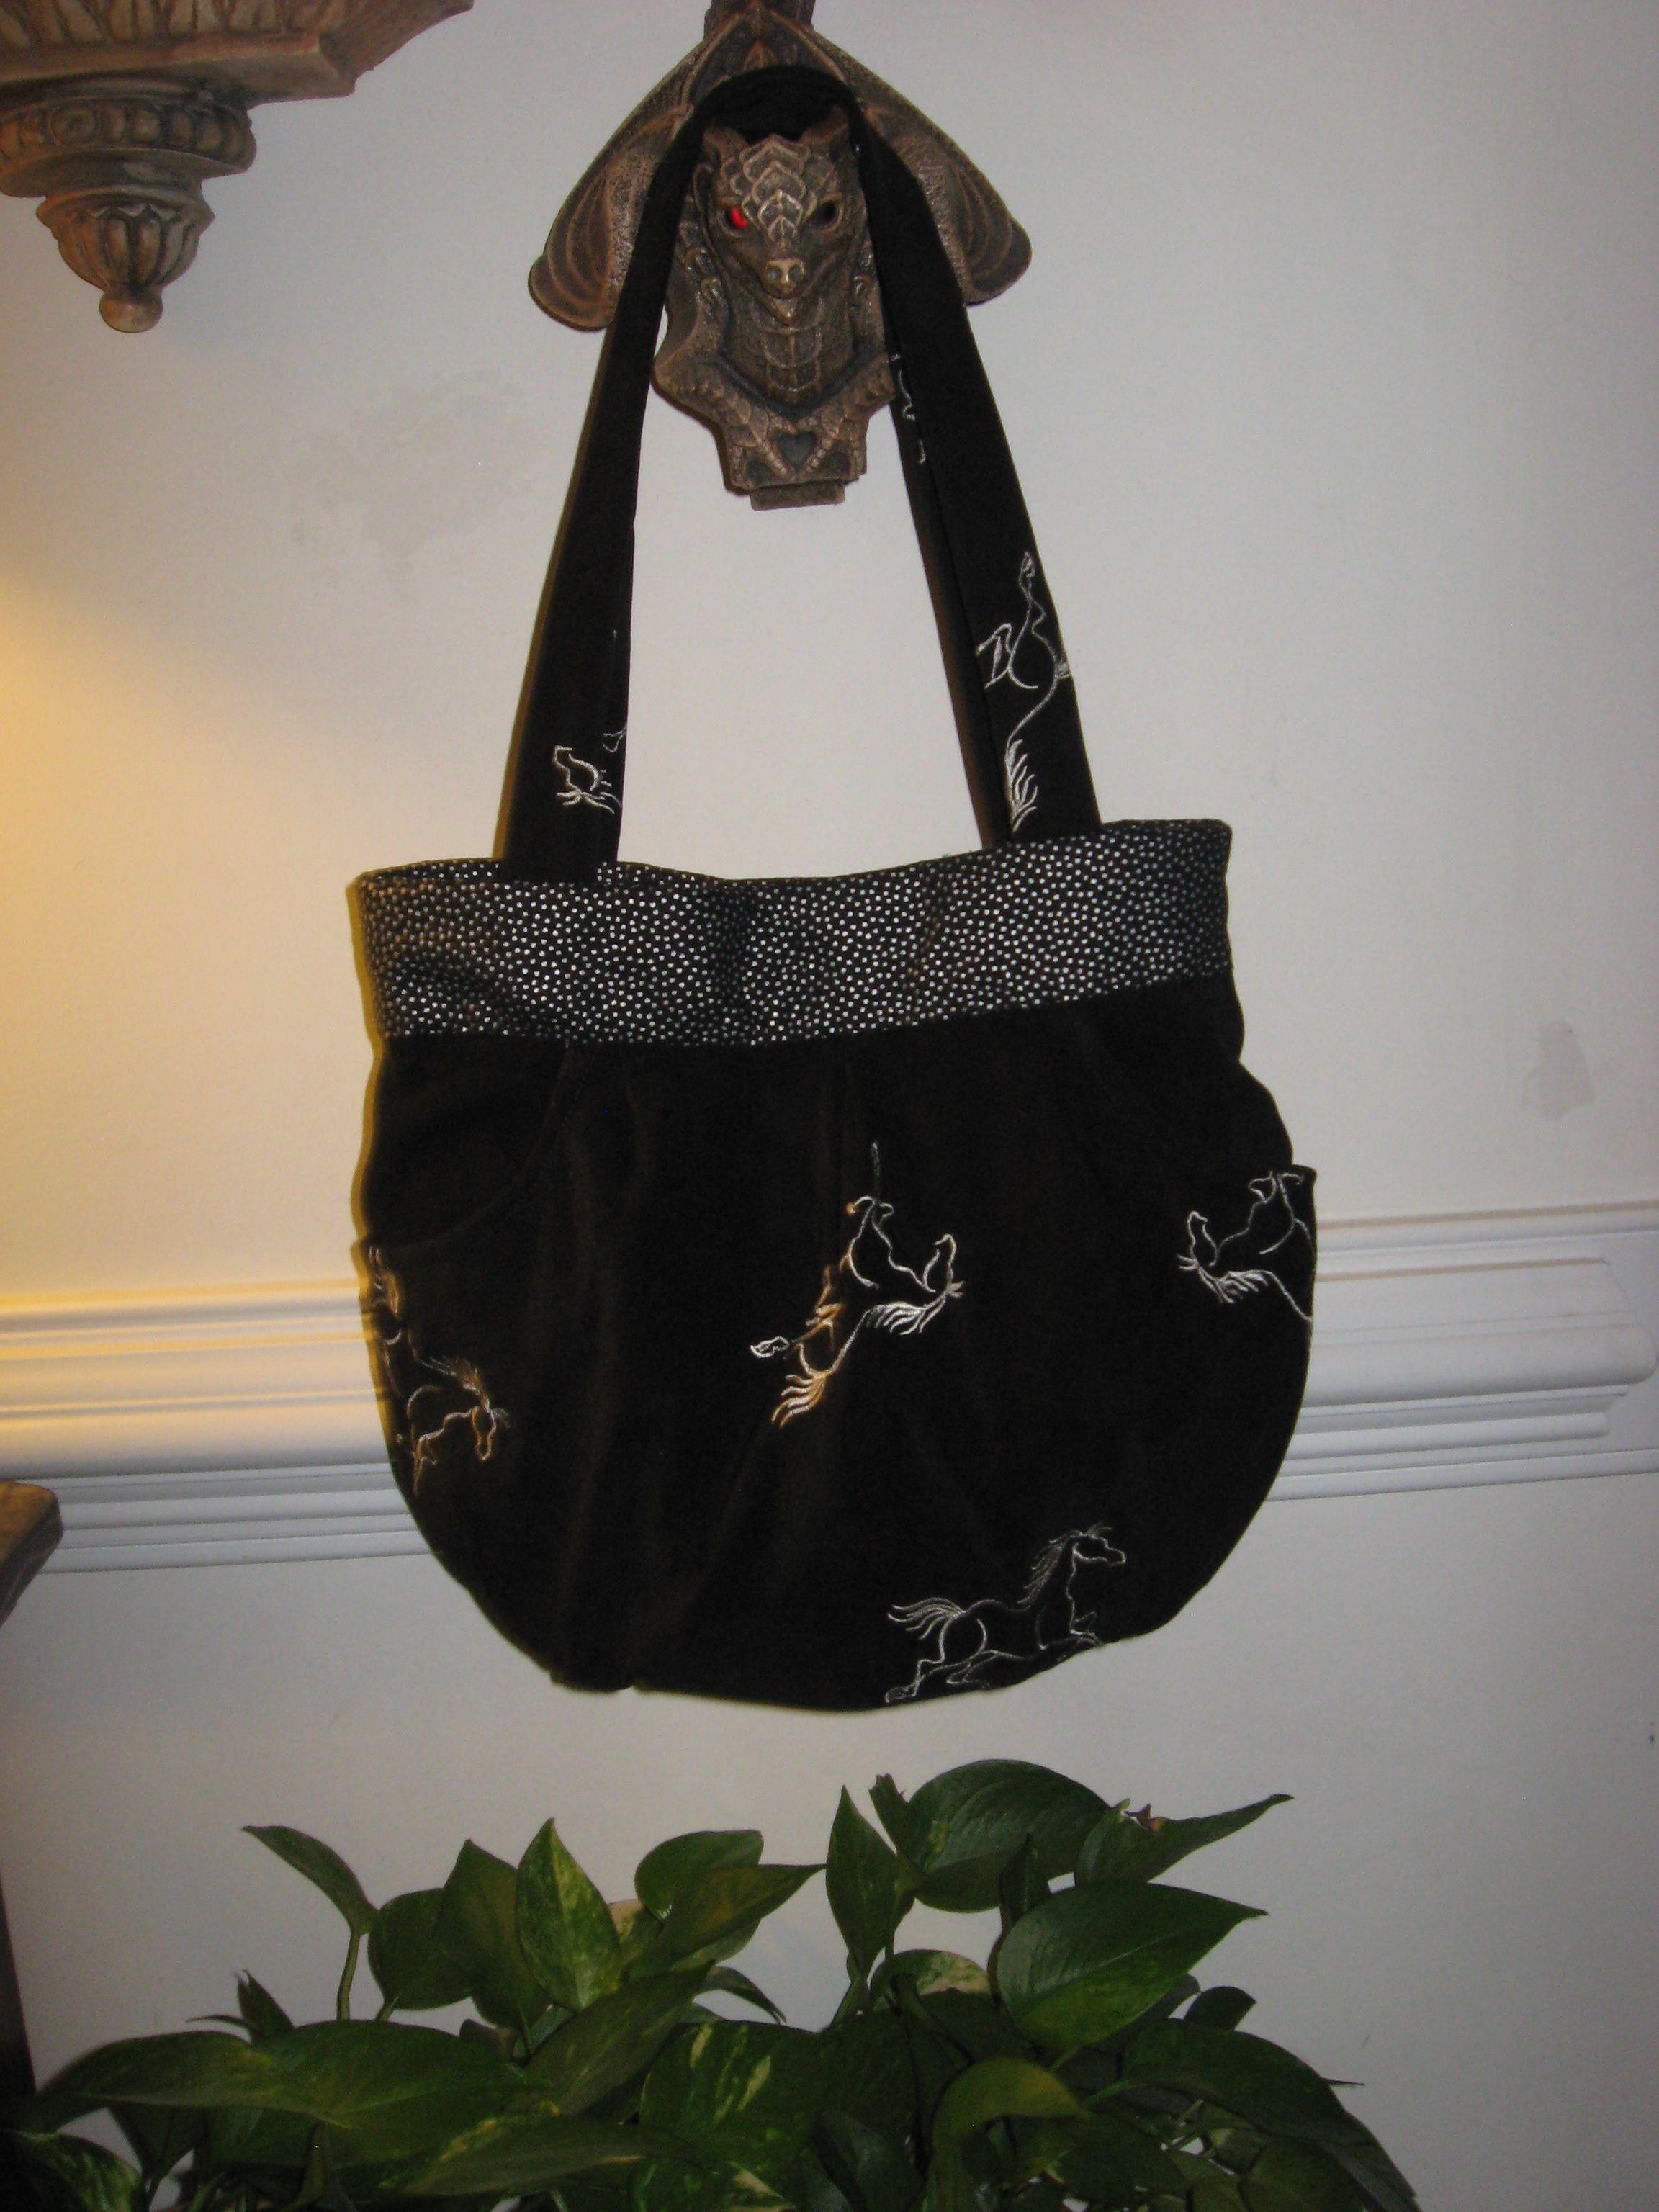 Evette's horsie purse